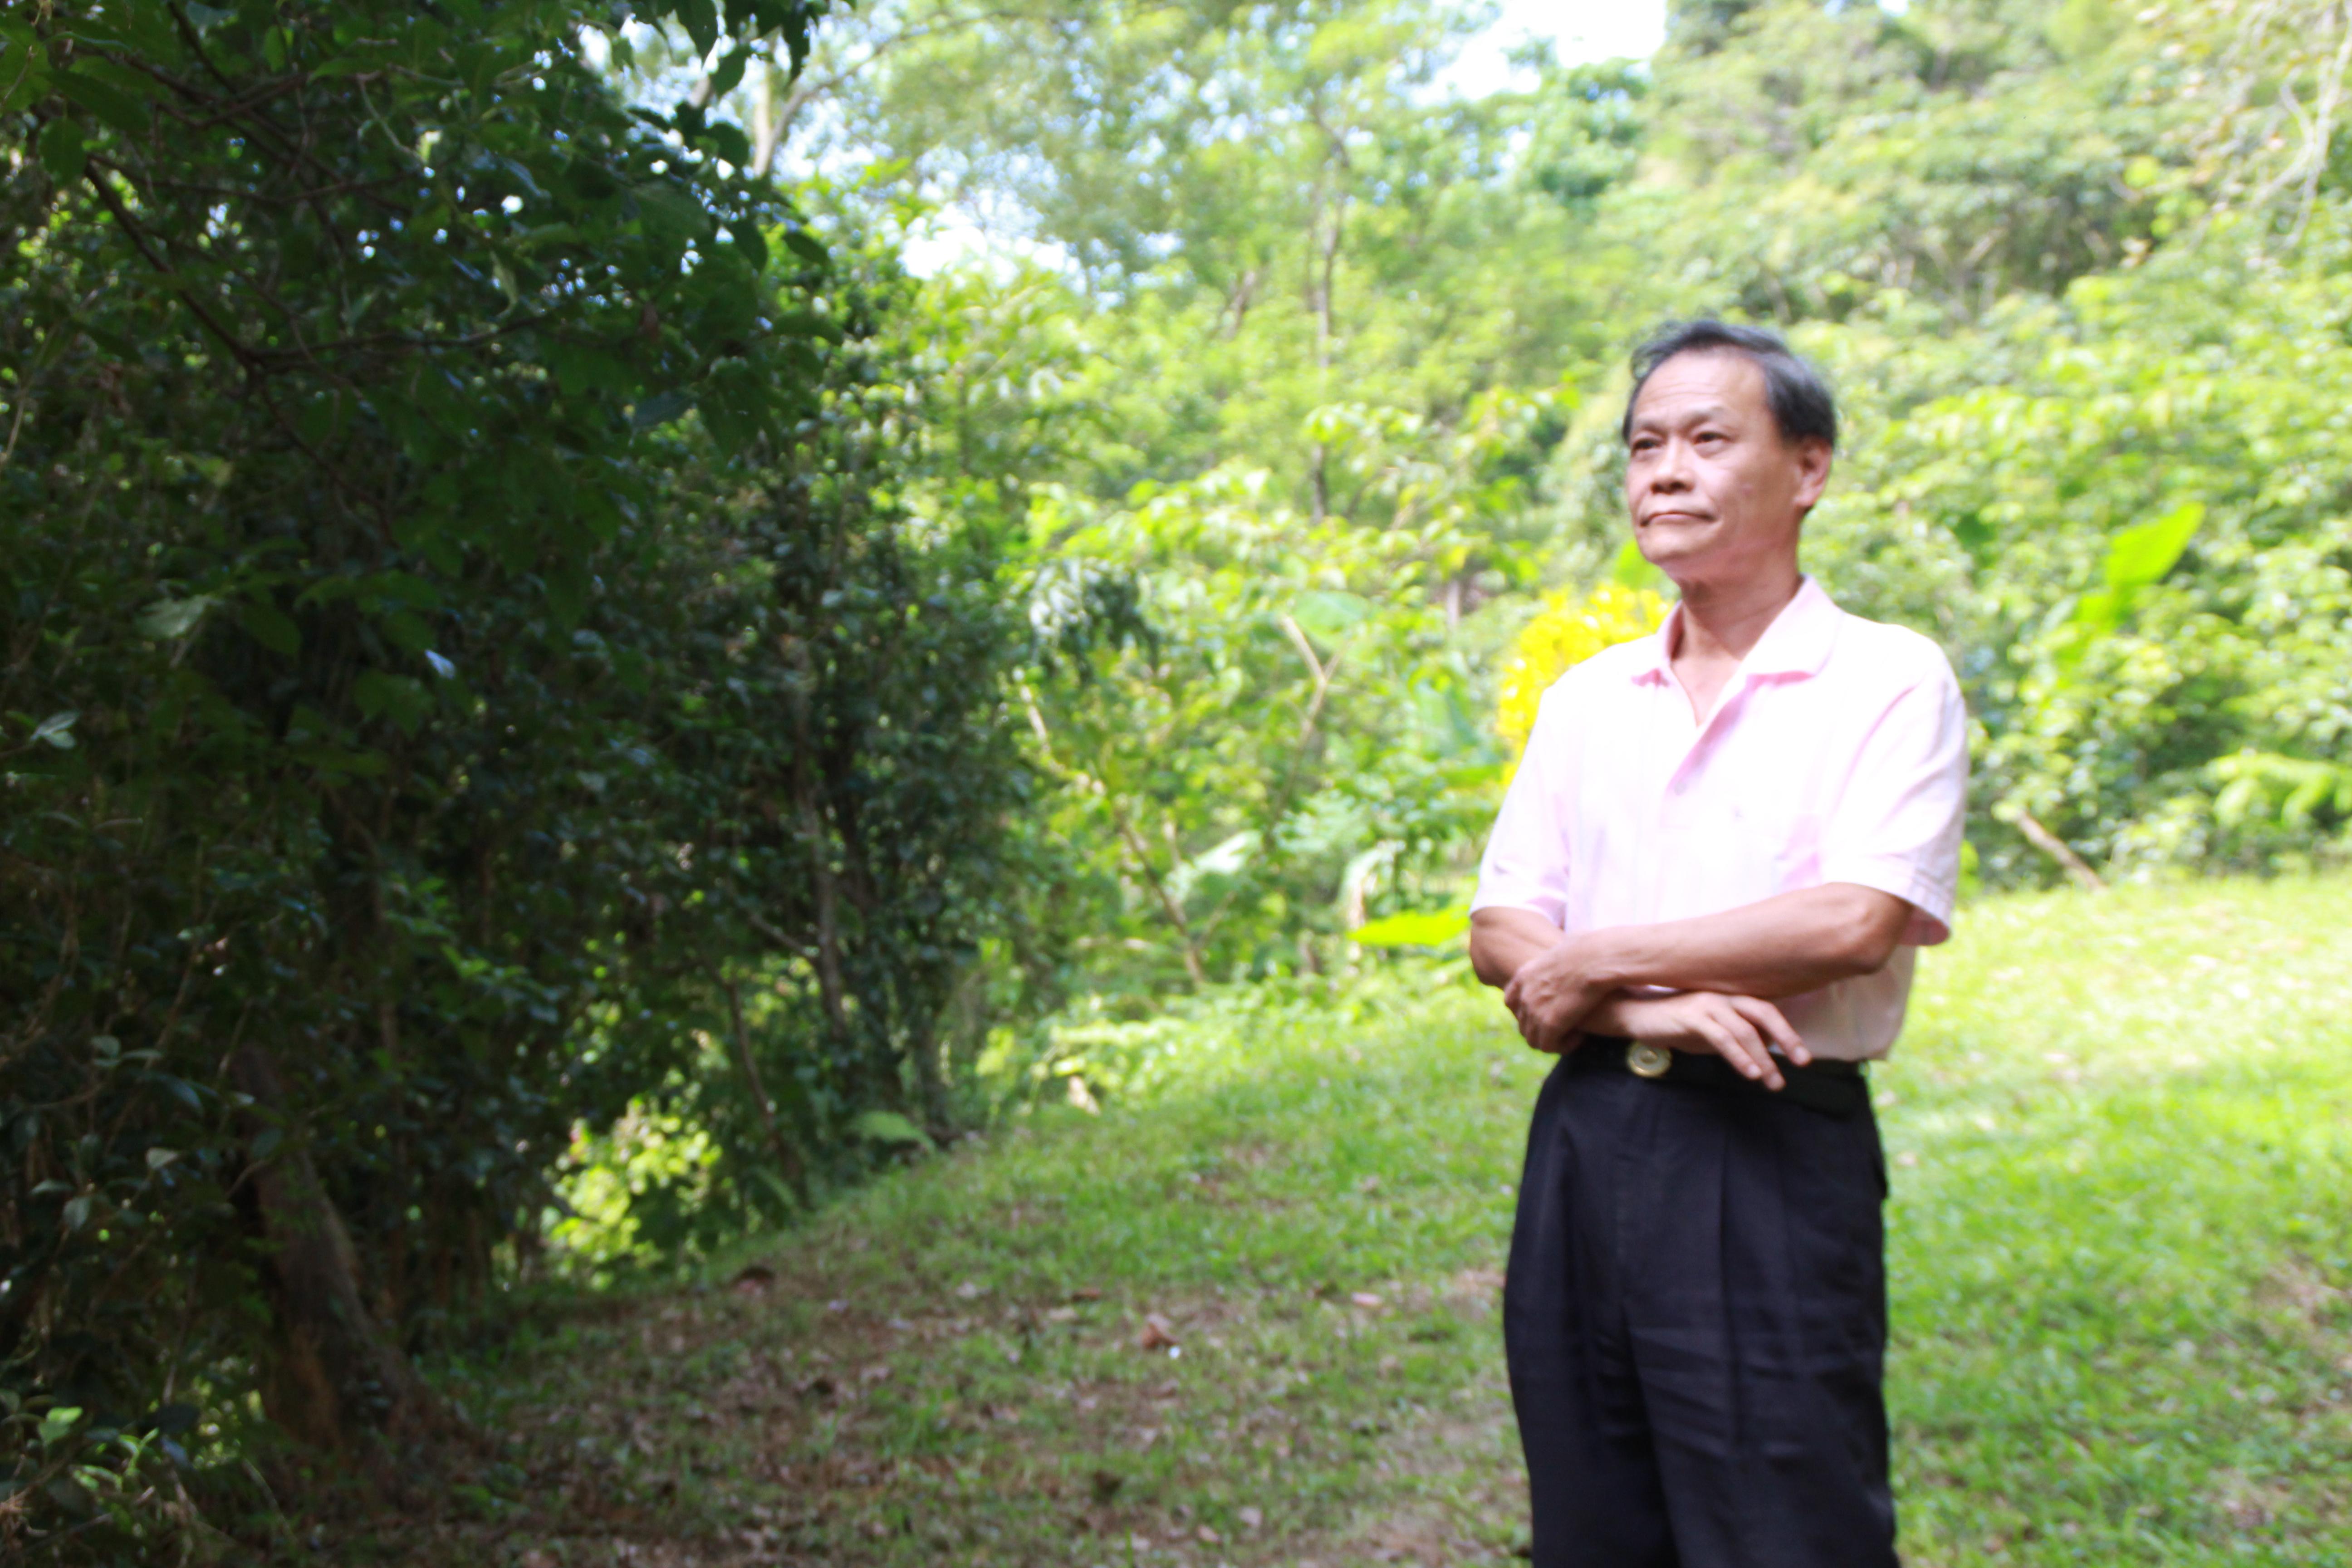 景美區農會理事長高勝福,因緣際會下,開啟栽種咖啡生涯。攝影/邵永輝